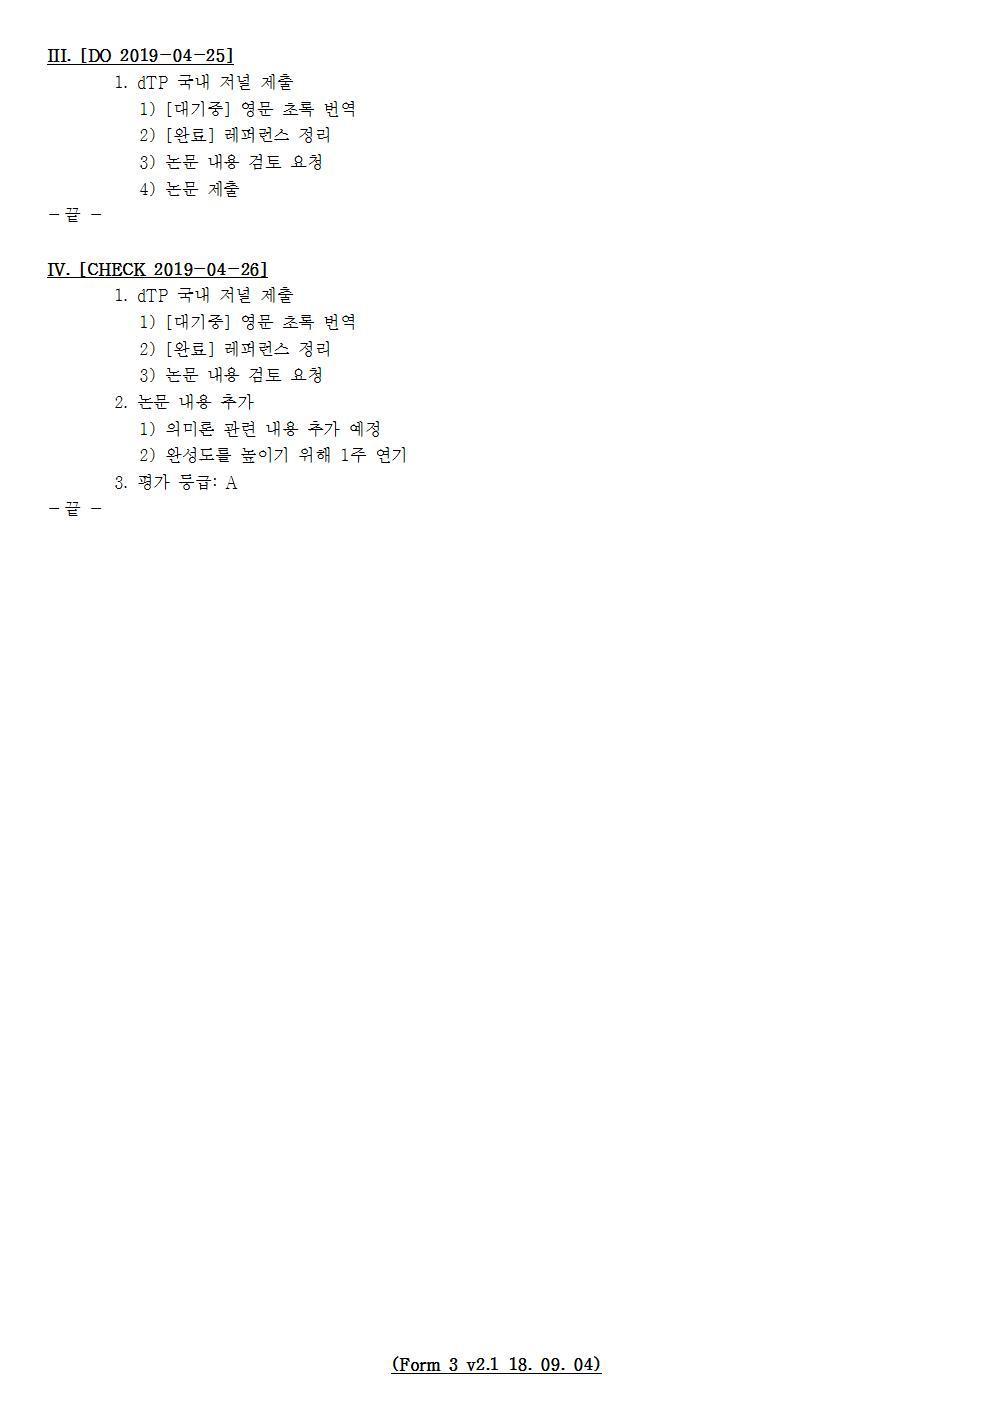 D-[19-012-PP-04]-[dTP-국내]-[2019-04-26][JS]002.jpg